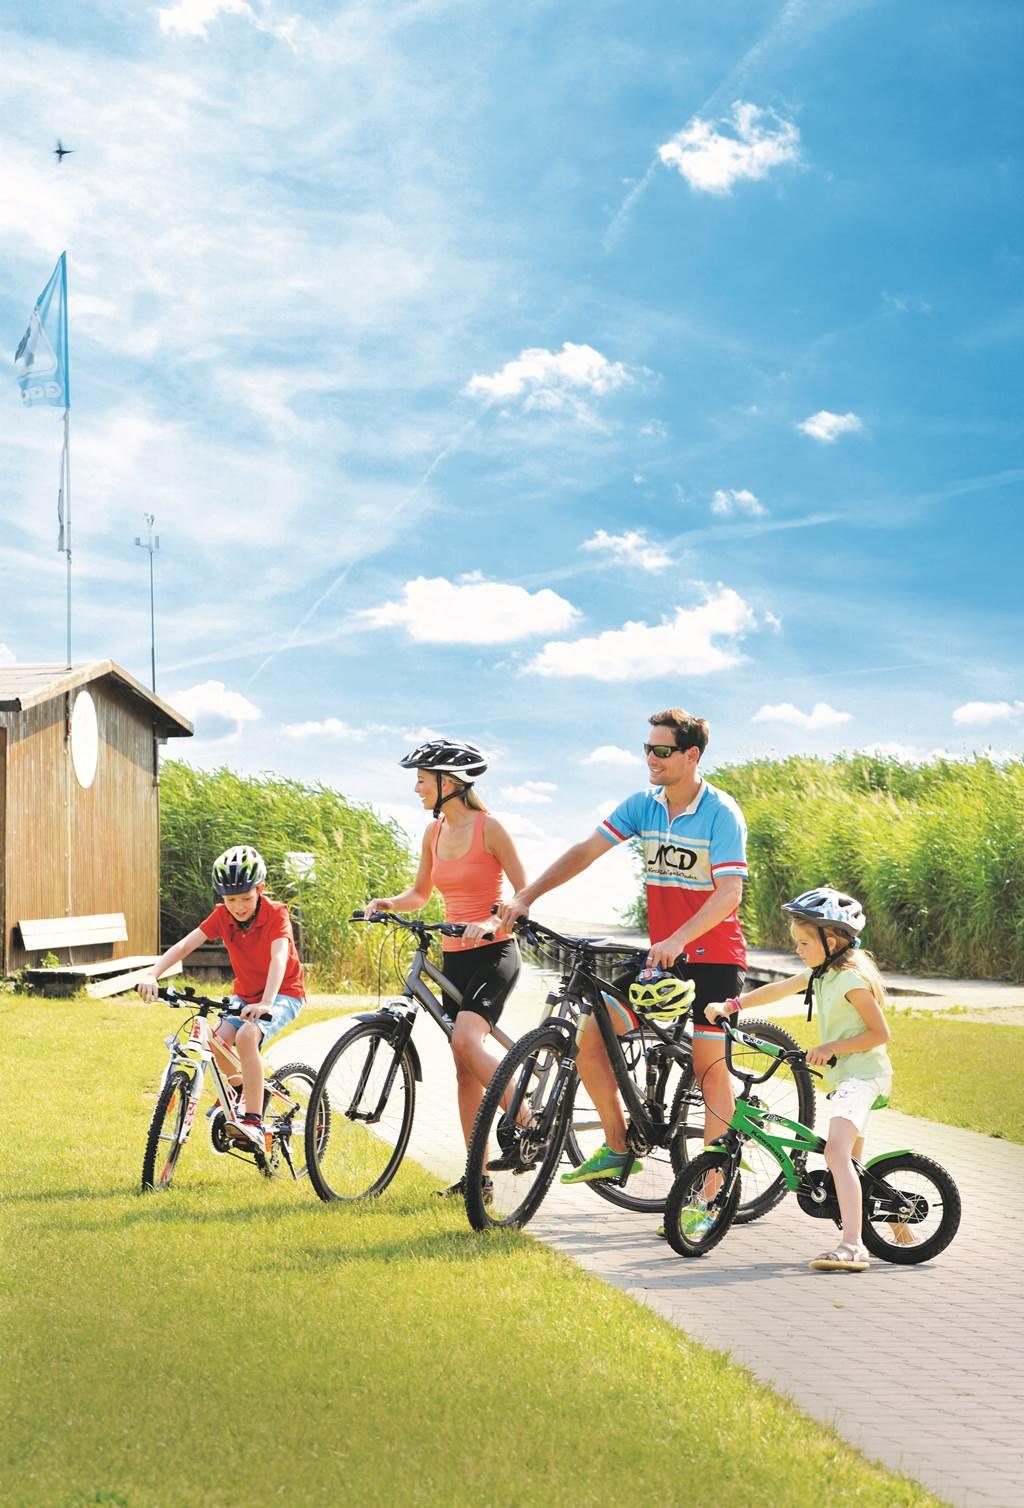 Kerékpározás a majd 1000 km-es kerékpárút hálózaton Forrás: (c) NTG/steve.haider.com